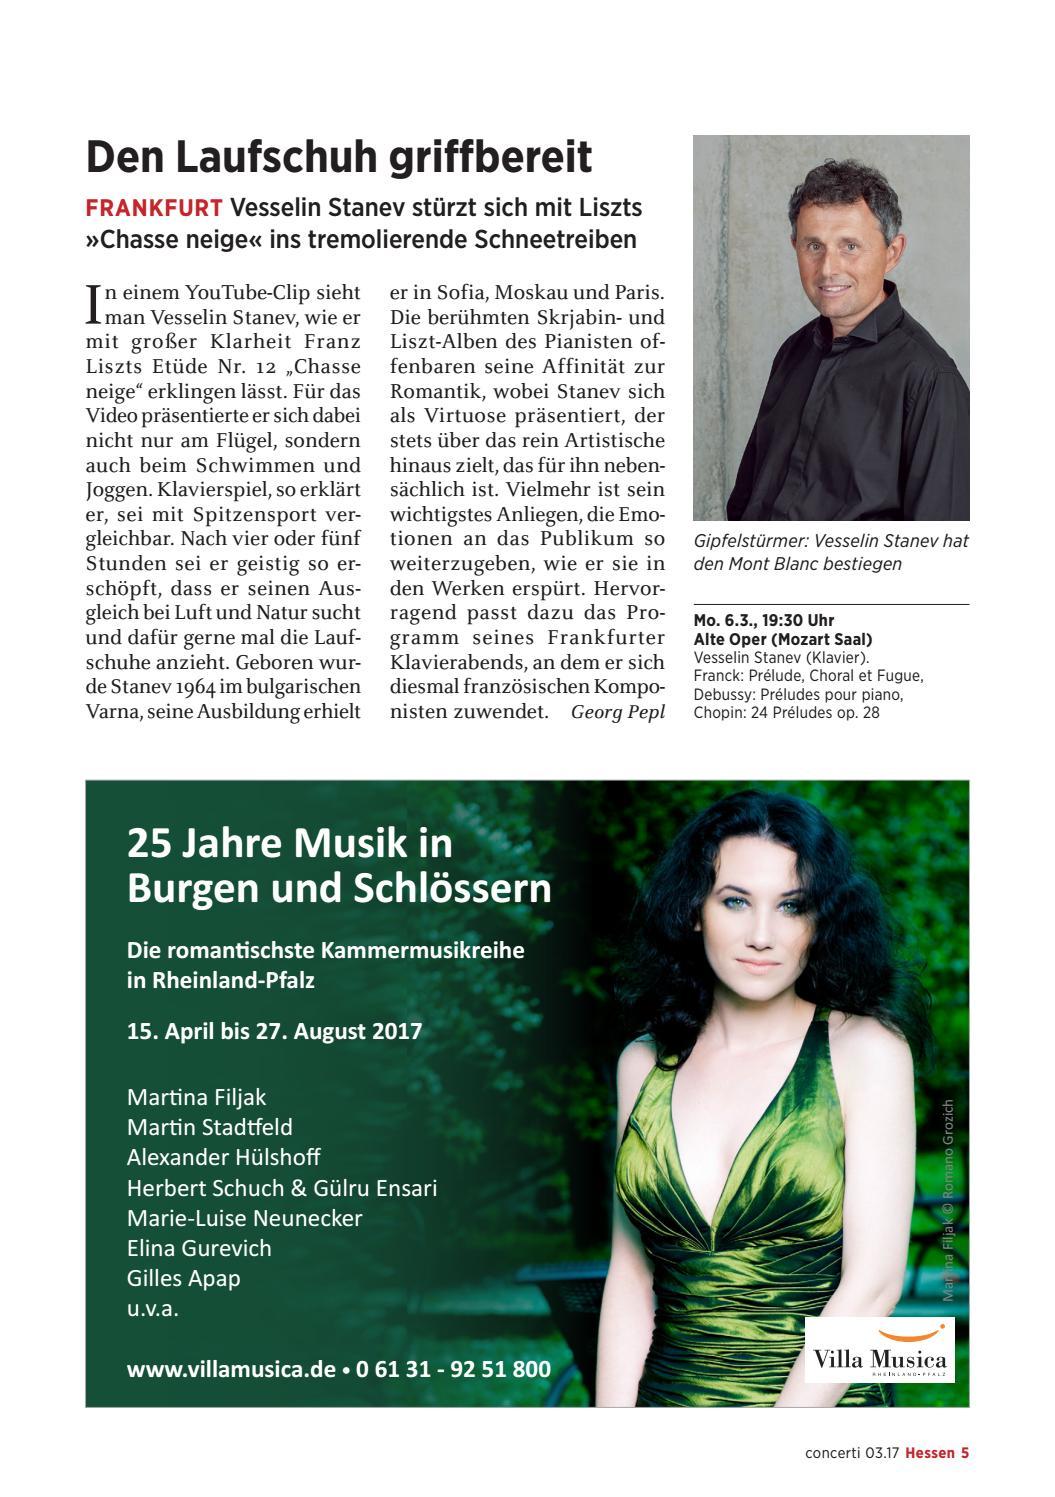 concerti Ausgabe Hessen März 2017 by concerti - Das Konzert